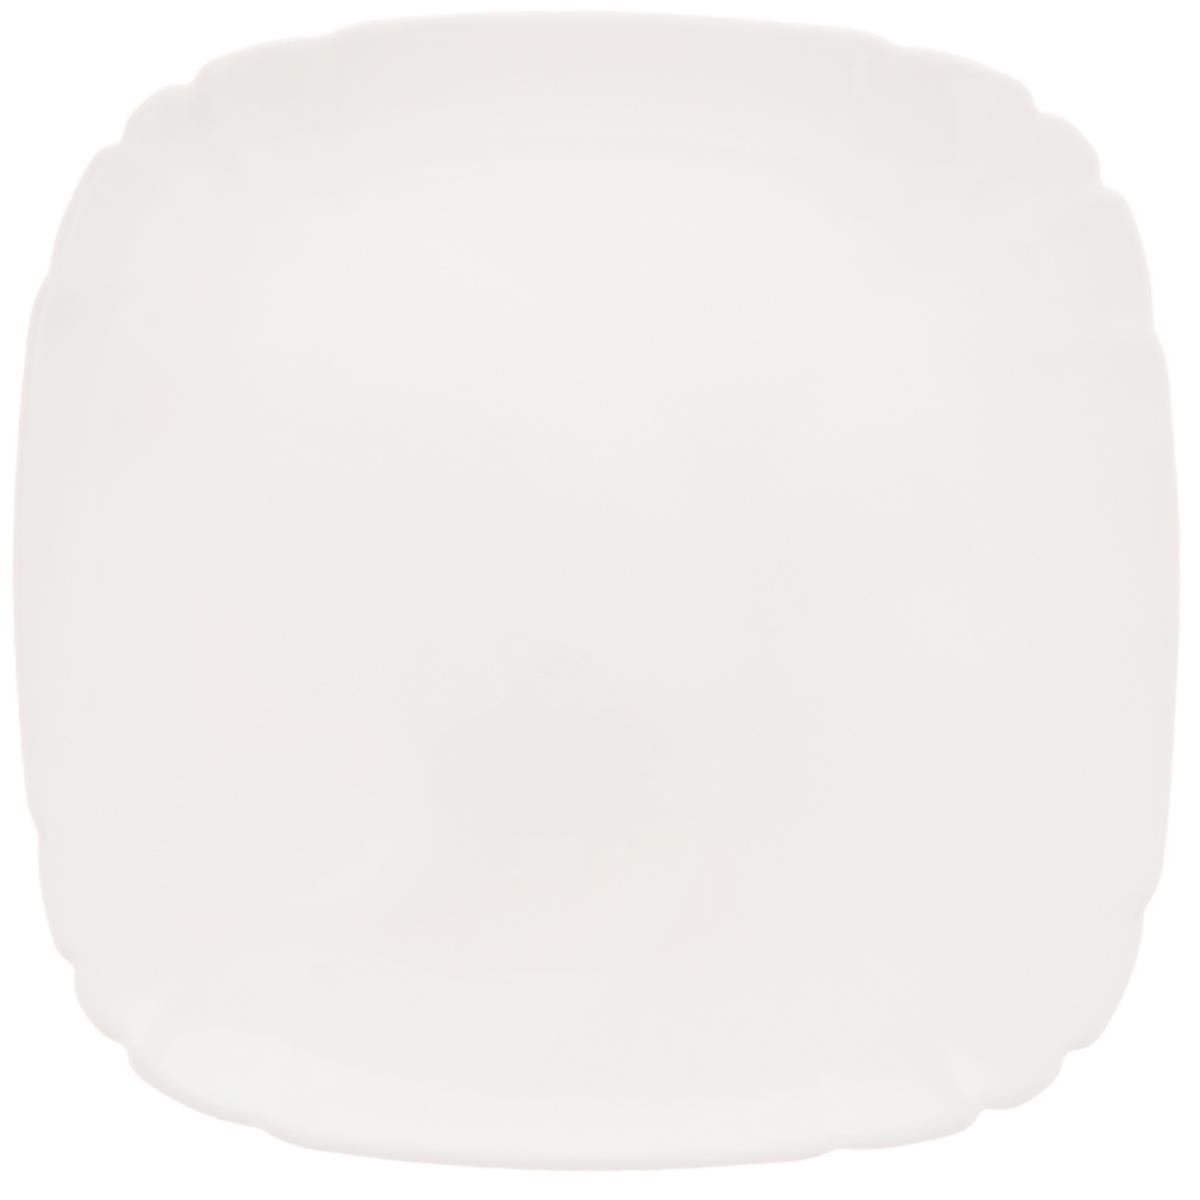 Тарелка десертная Luminarc Lotusia, 20,5 х 20,5 см1571473Десертная тарелка Luminarc Lotusia выполнена из высококачественного стекла. Изделие сочетает в себе изысканный дизайн с максимальной функциональностью. Она прекрасно впишется в интерьер вашей кухни и станет достойным дополнением к кухонному инвентарю. Десертная тарелка Luminarc Lotusia подчеркнет прекрасный вкус хозяйки и станет отличным подарком. Размер тарелки (по верхнему краю): 20,5 х 20,5 см. Высота стенки: 1,7 см.